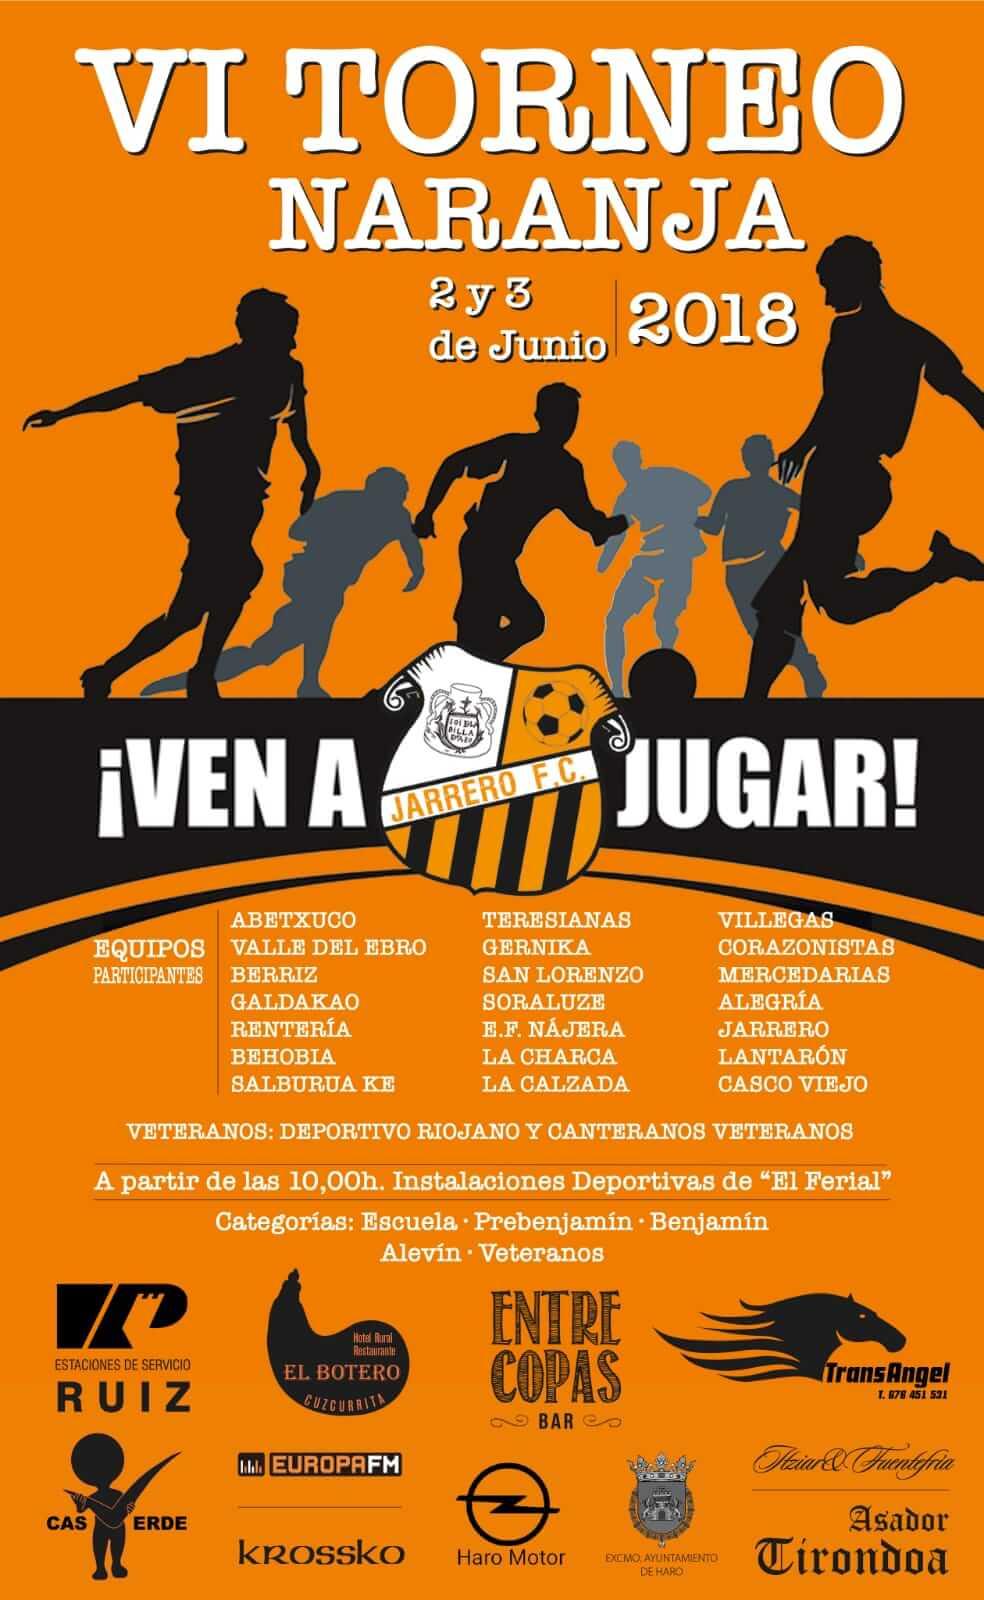 Los días 2 y 3 de junio, VI Torneo Naranja organizado por el Jarrero en El Ferial 1